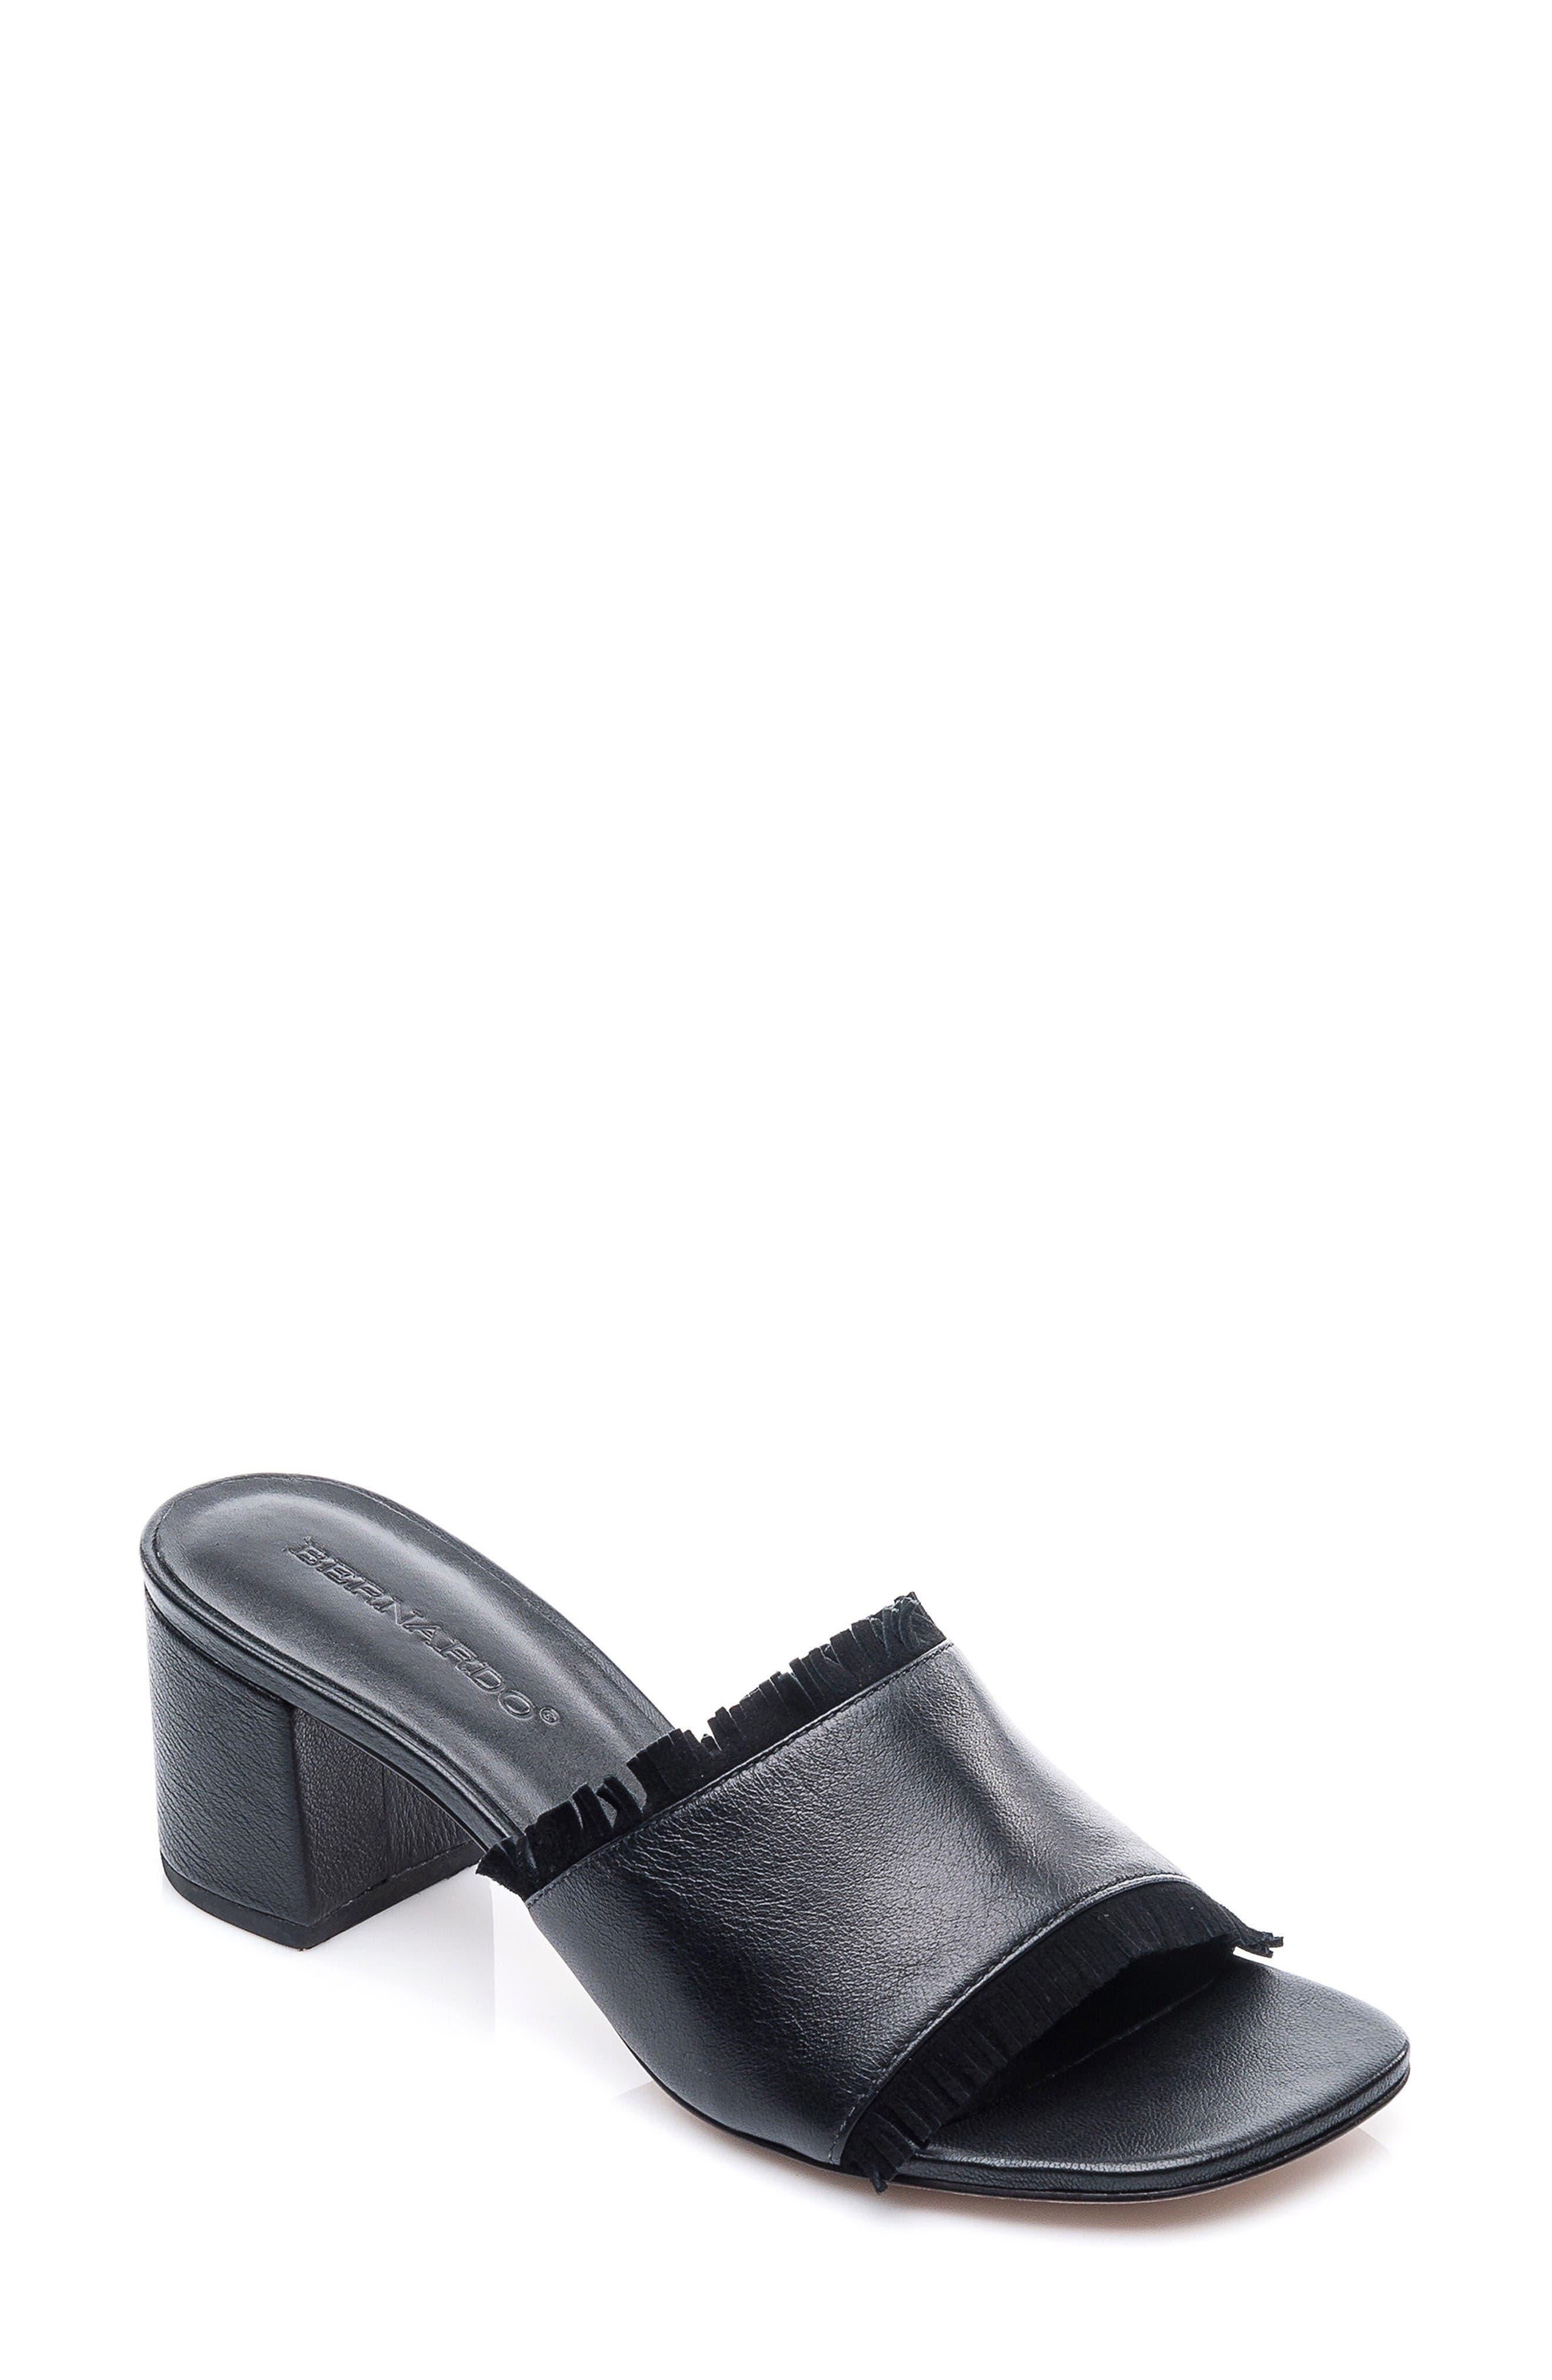 Main Image - Bernardo Blossom Slide Sandal (Women)